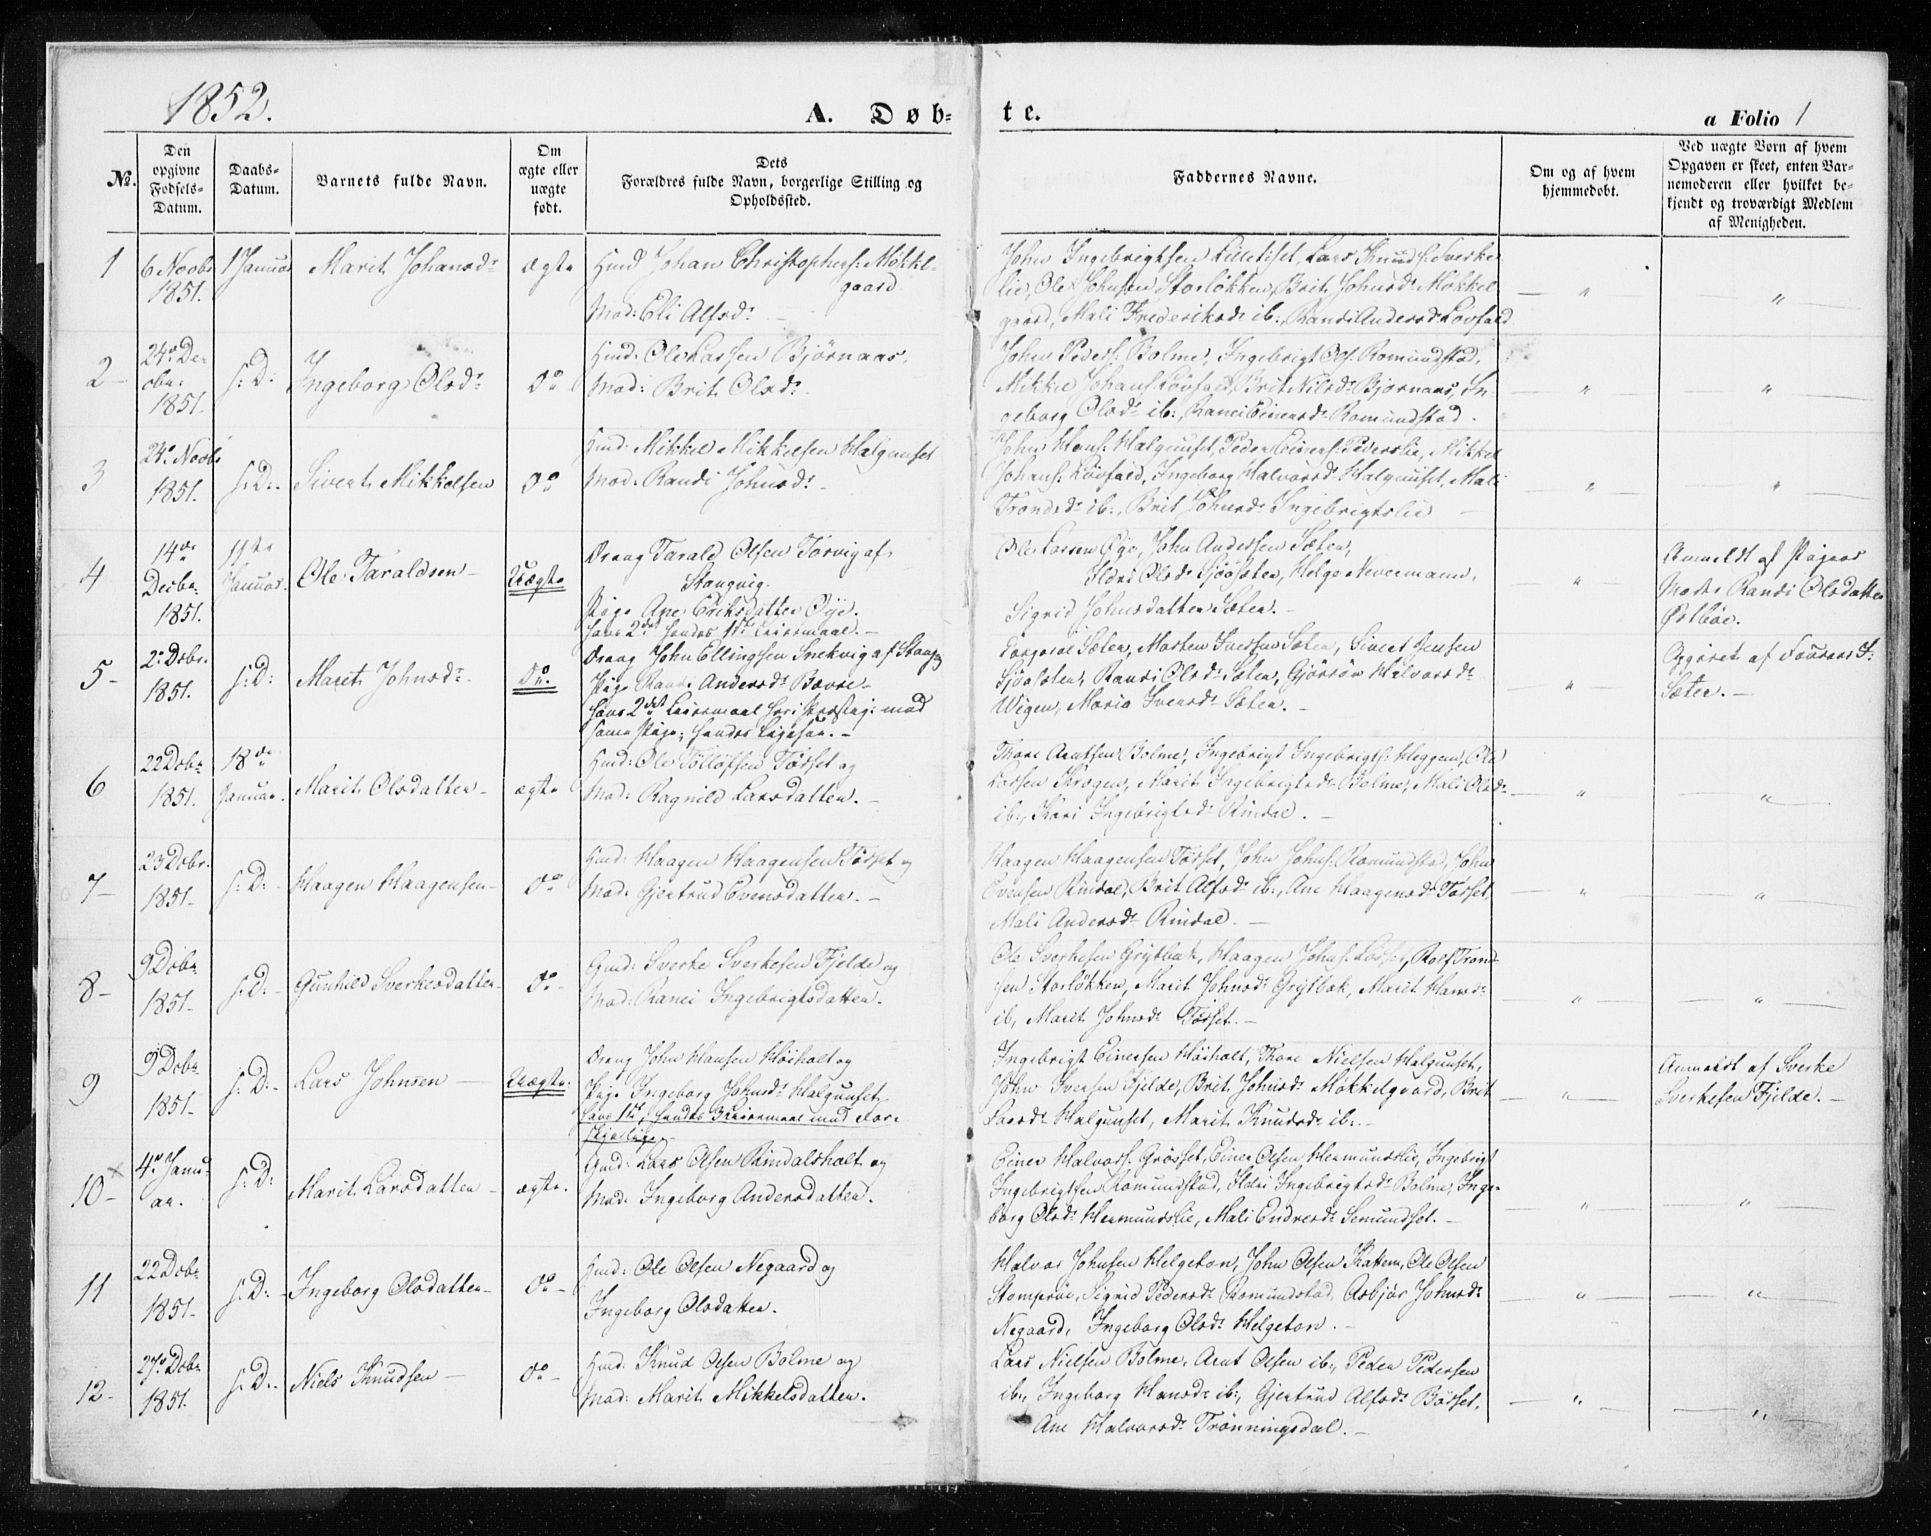 SAT, Ministerialprotokoller, klokkerbøker og fødselsregistre - Møre og Romsdal, 595/L1044: Ministerialbok nr. 595A06, 1852-1863, s. 1